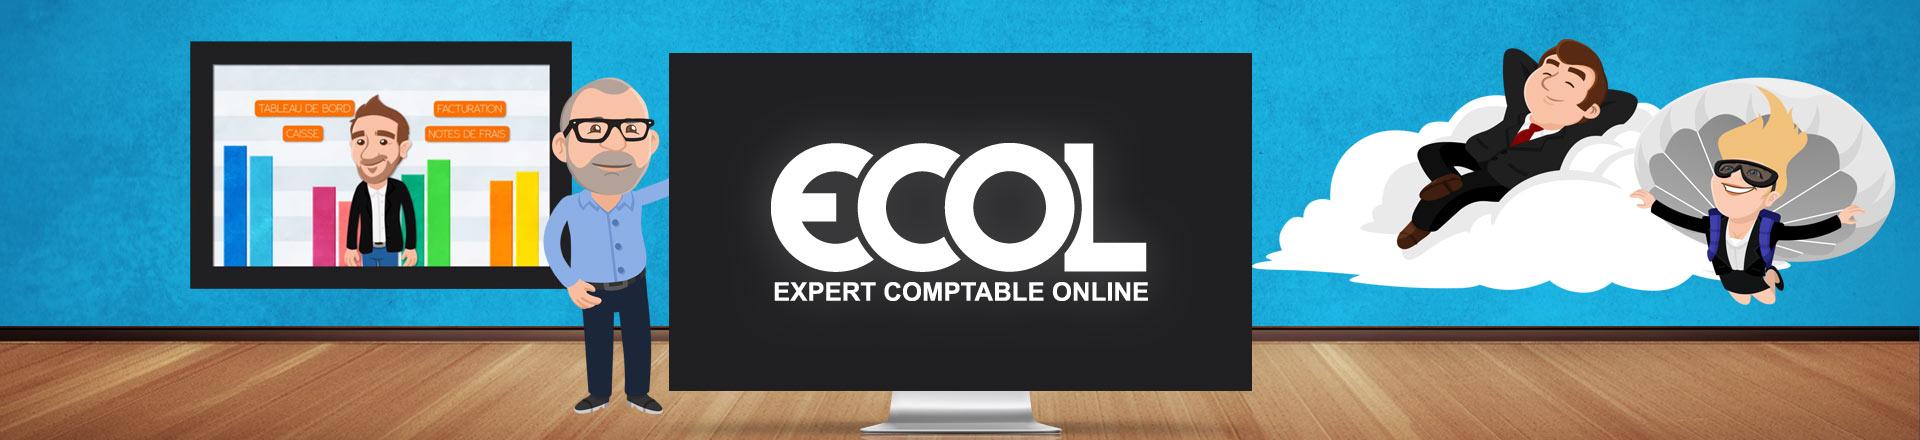 slide-ecol